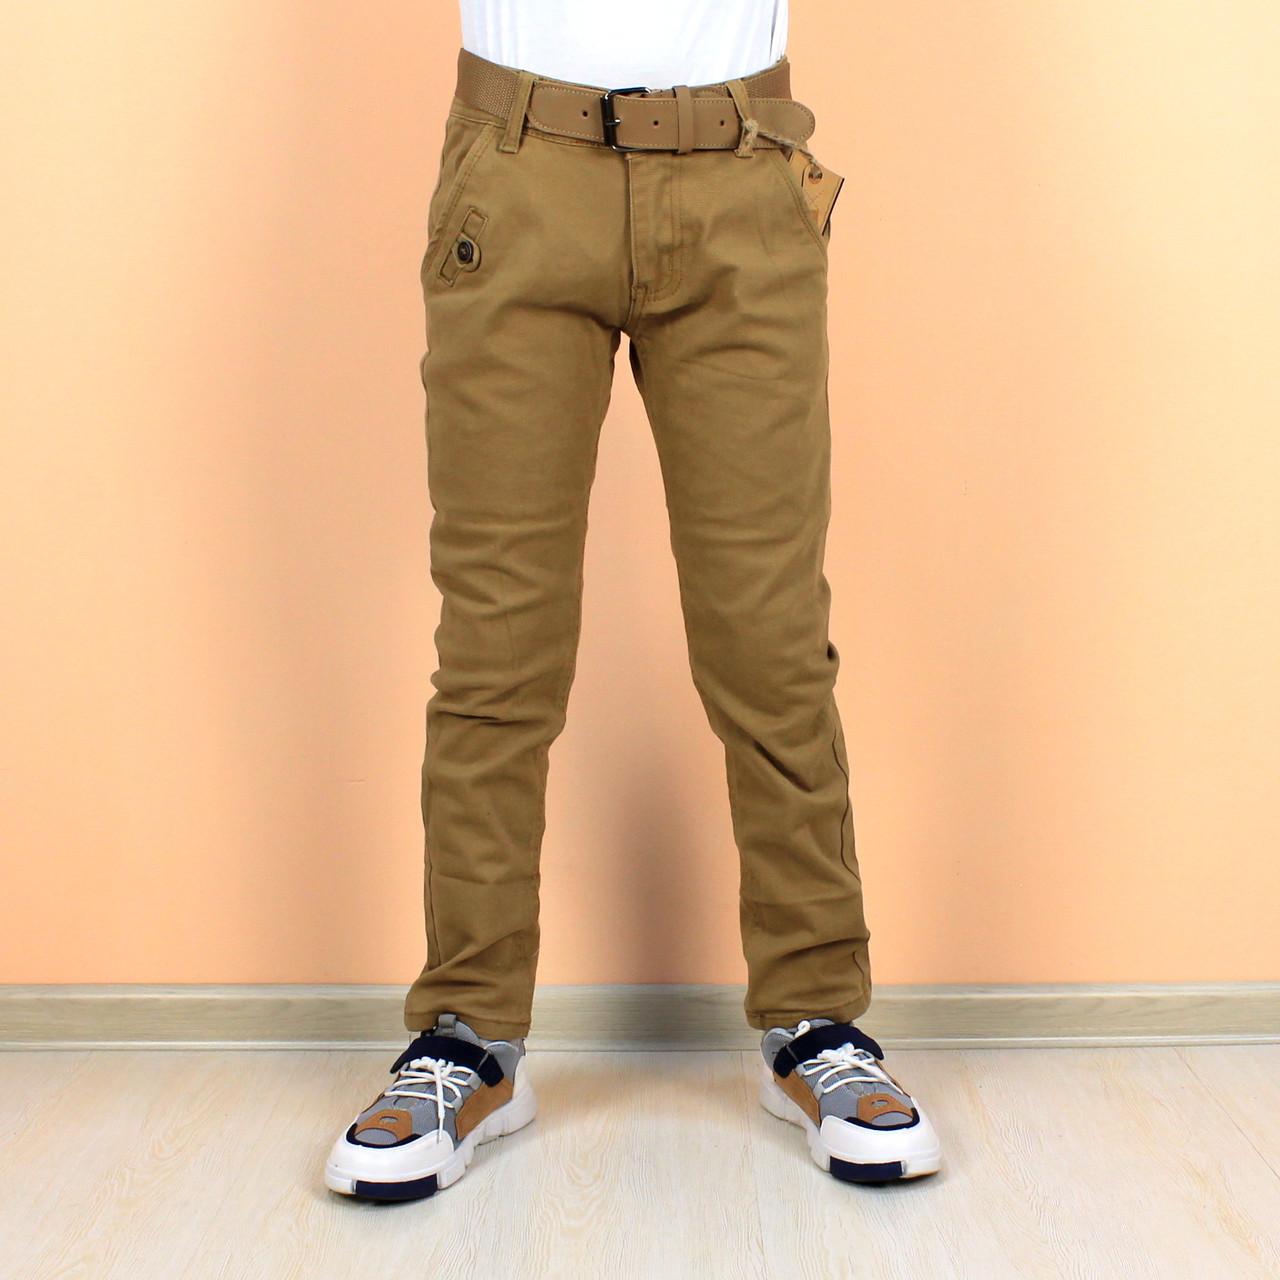 Детские джинсы штаны горчичные на мальчика тм race Венгрия размер 146